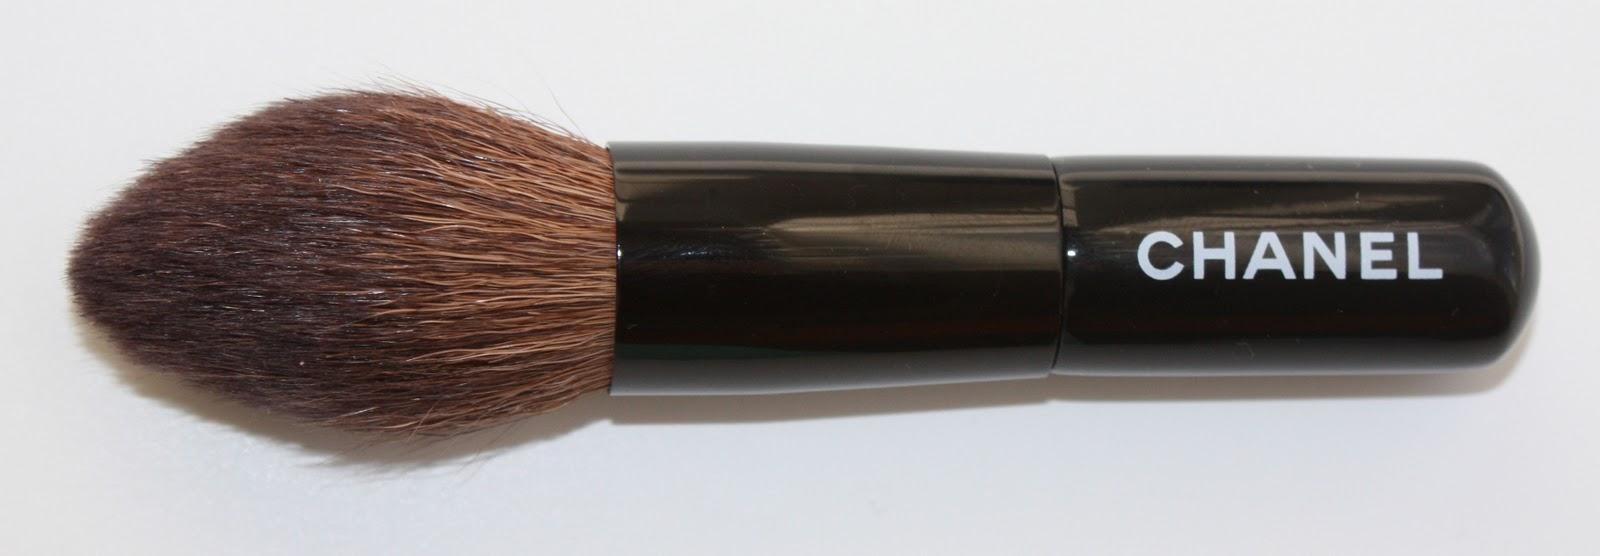 b83002dfbe3 Pondering Beauty  Les Minis de Chanel - The Mini Brush Set